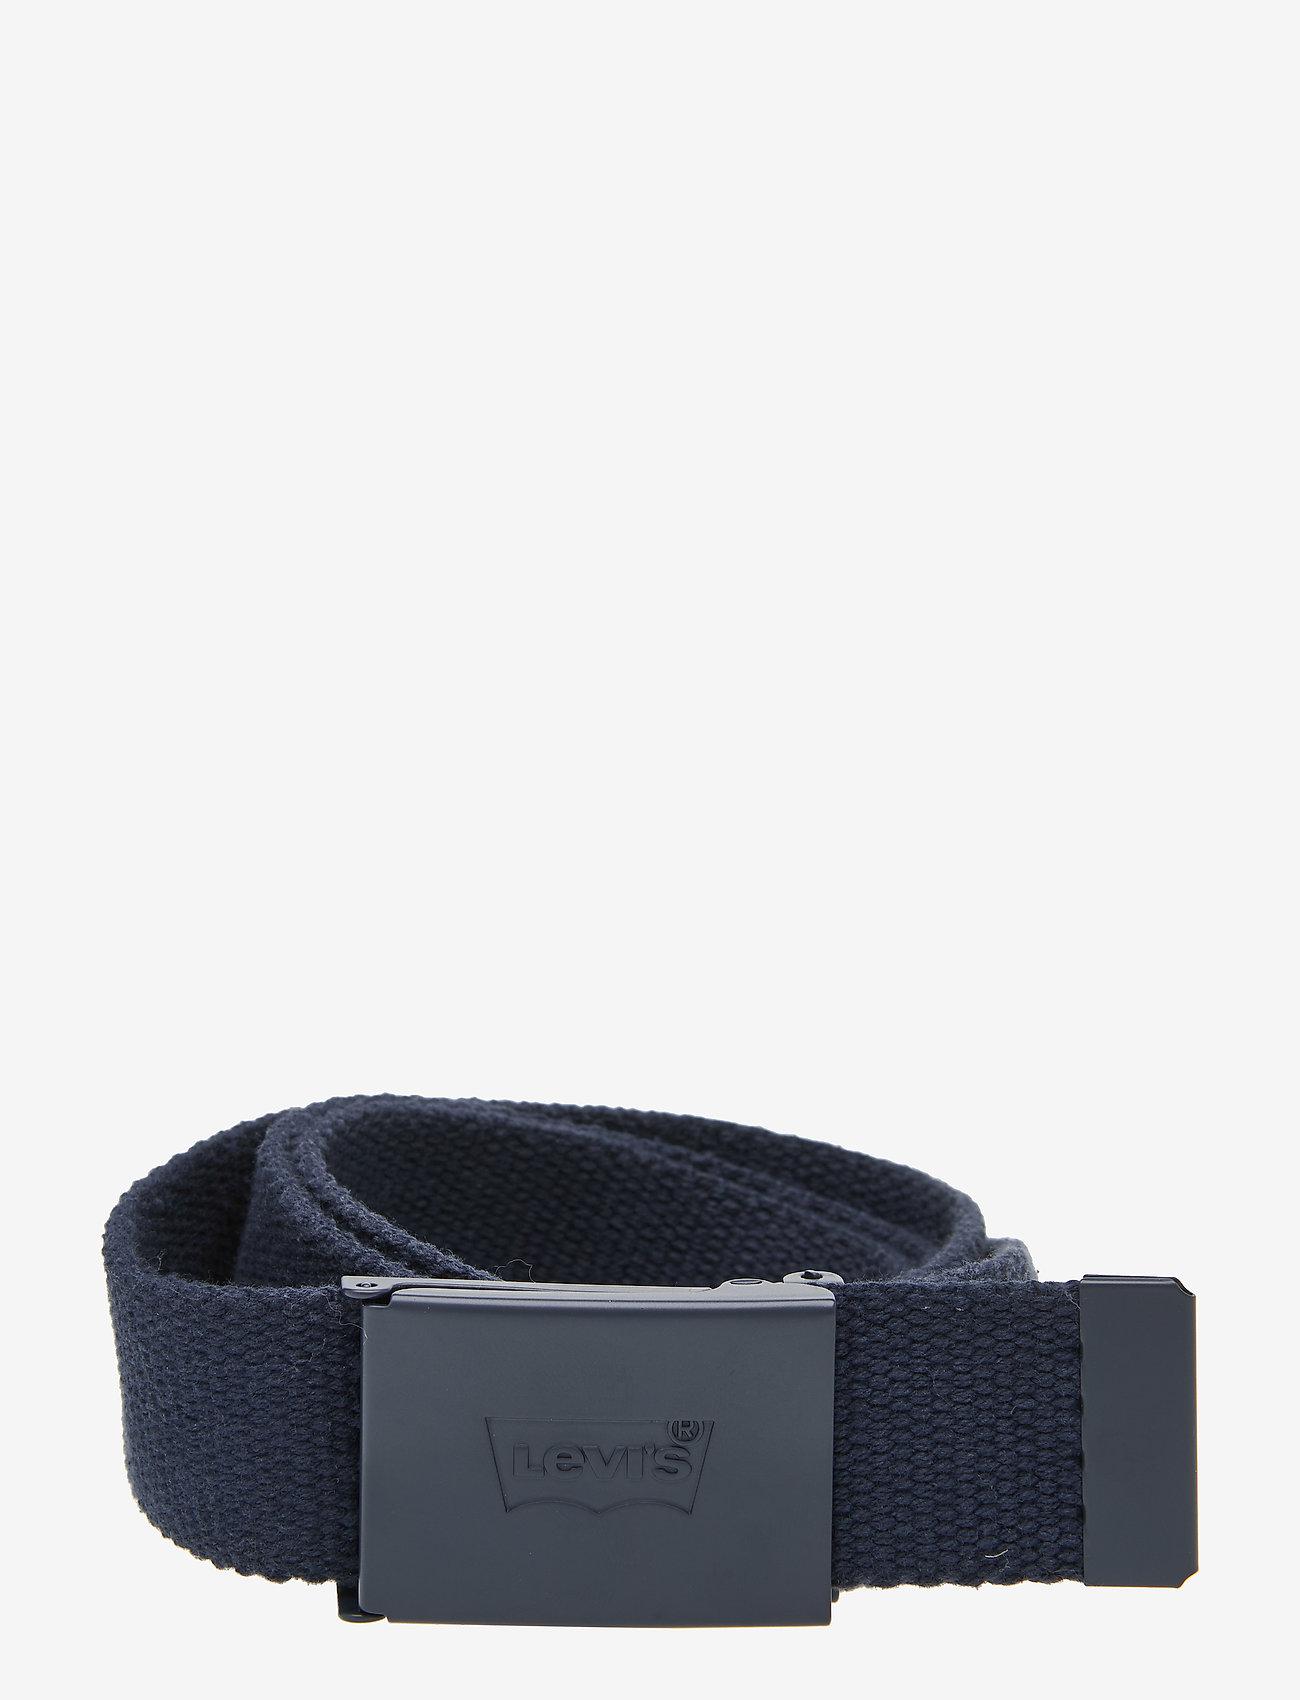 Levi's Footwear & Acc - TONAL WEB BELT - bælter - navy blue - 0